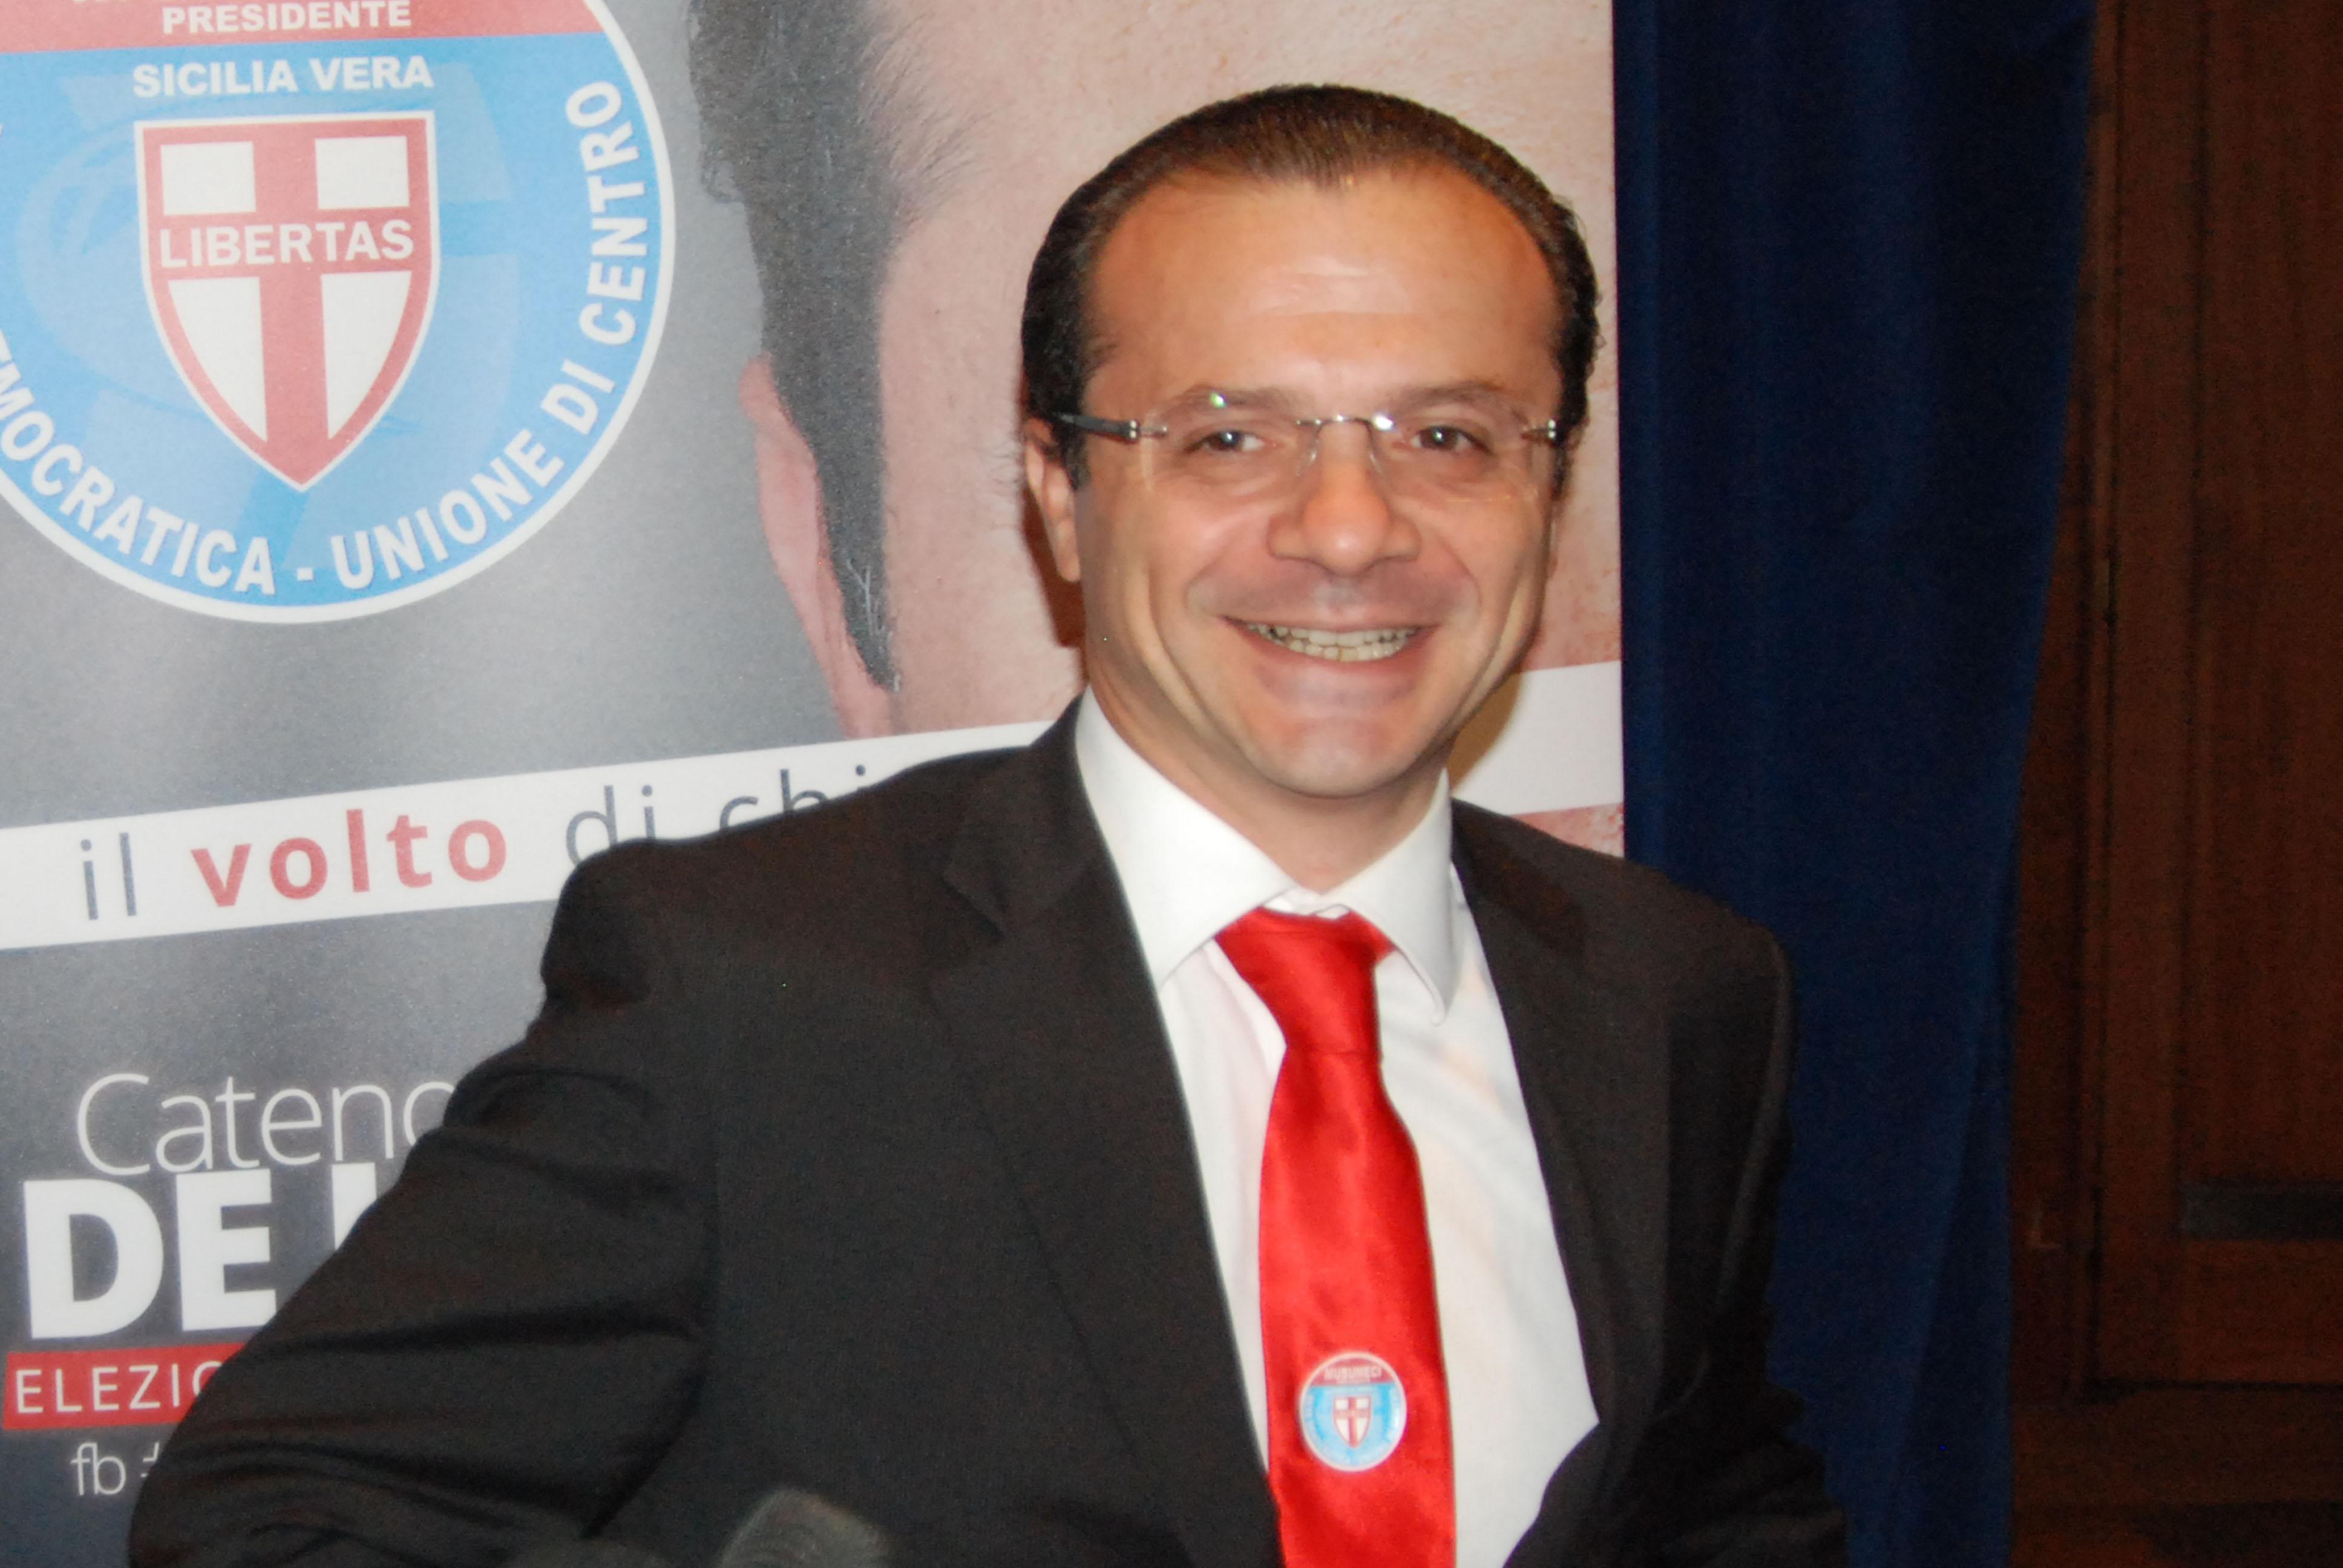 Evasione fiscale, arrestato il deputato regionale De Luca